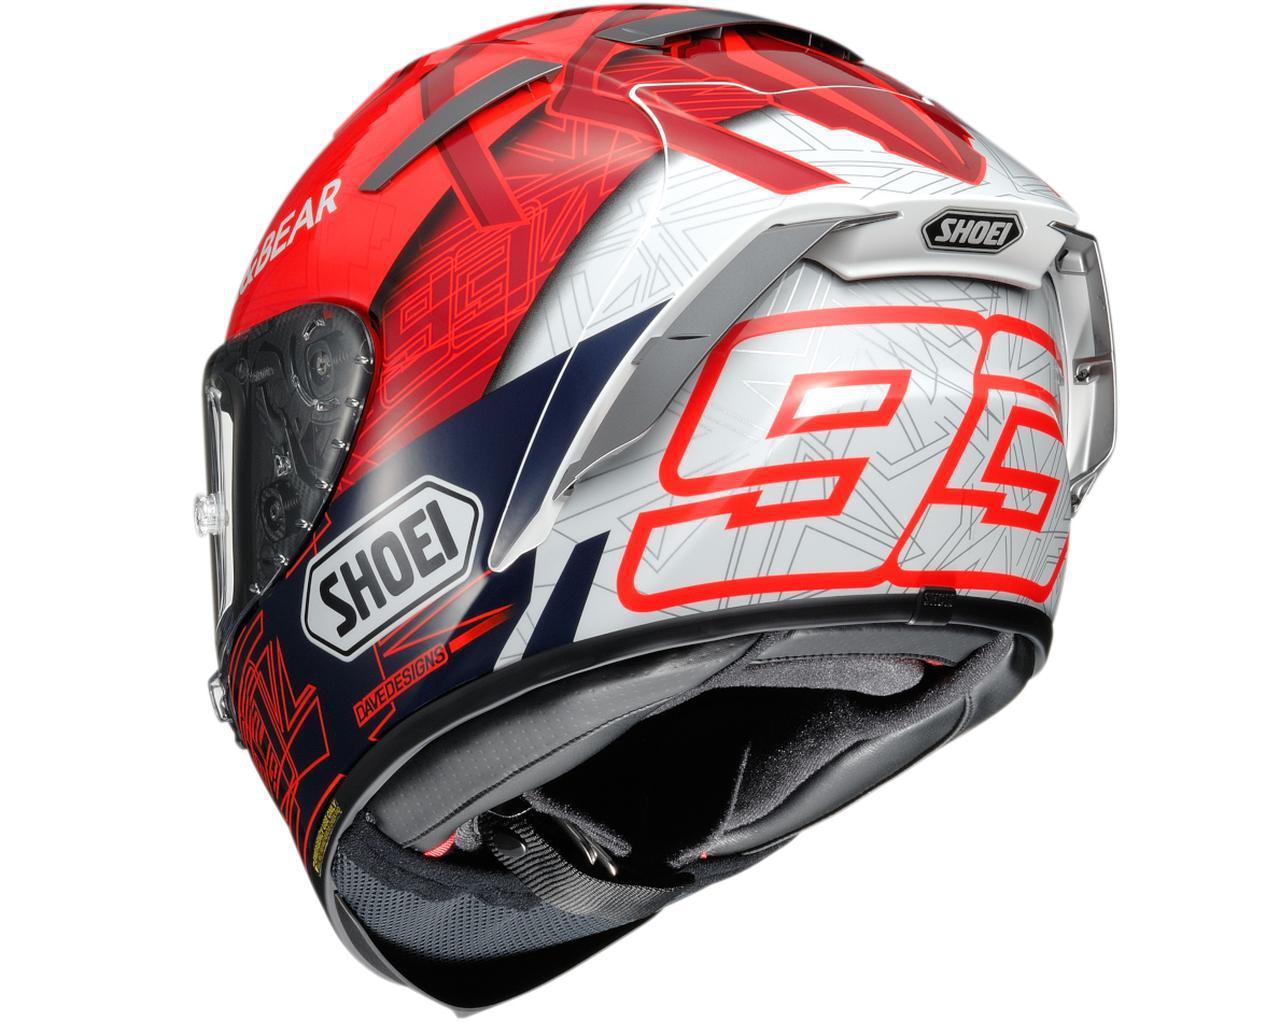 画像1: MotoGP マルク・マルケス選手の最新レプリカヘルメットSHOEI「X-Fourteen MARQUEZ 6」登場